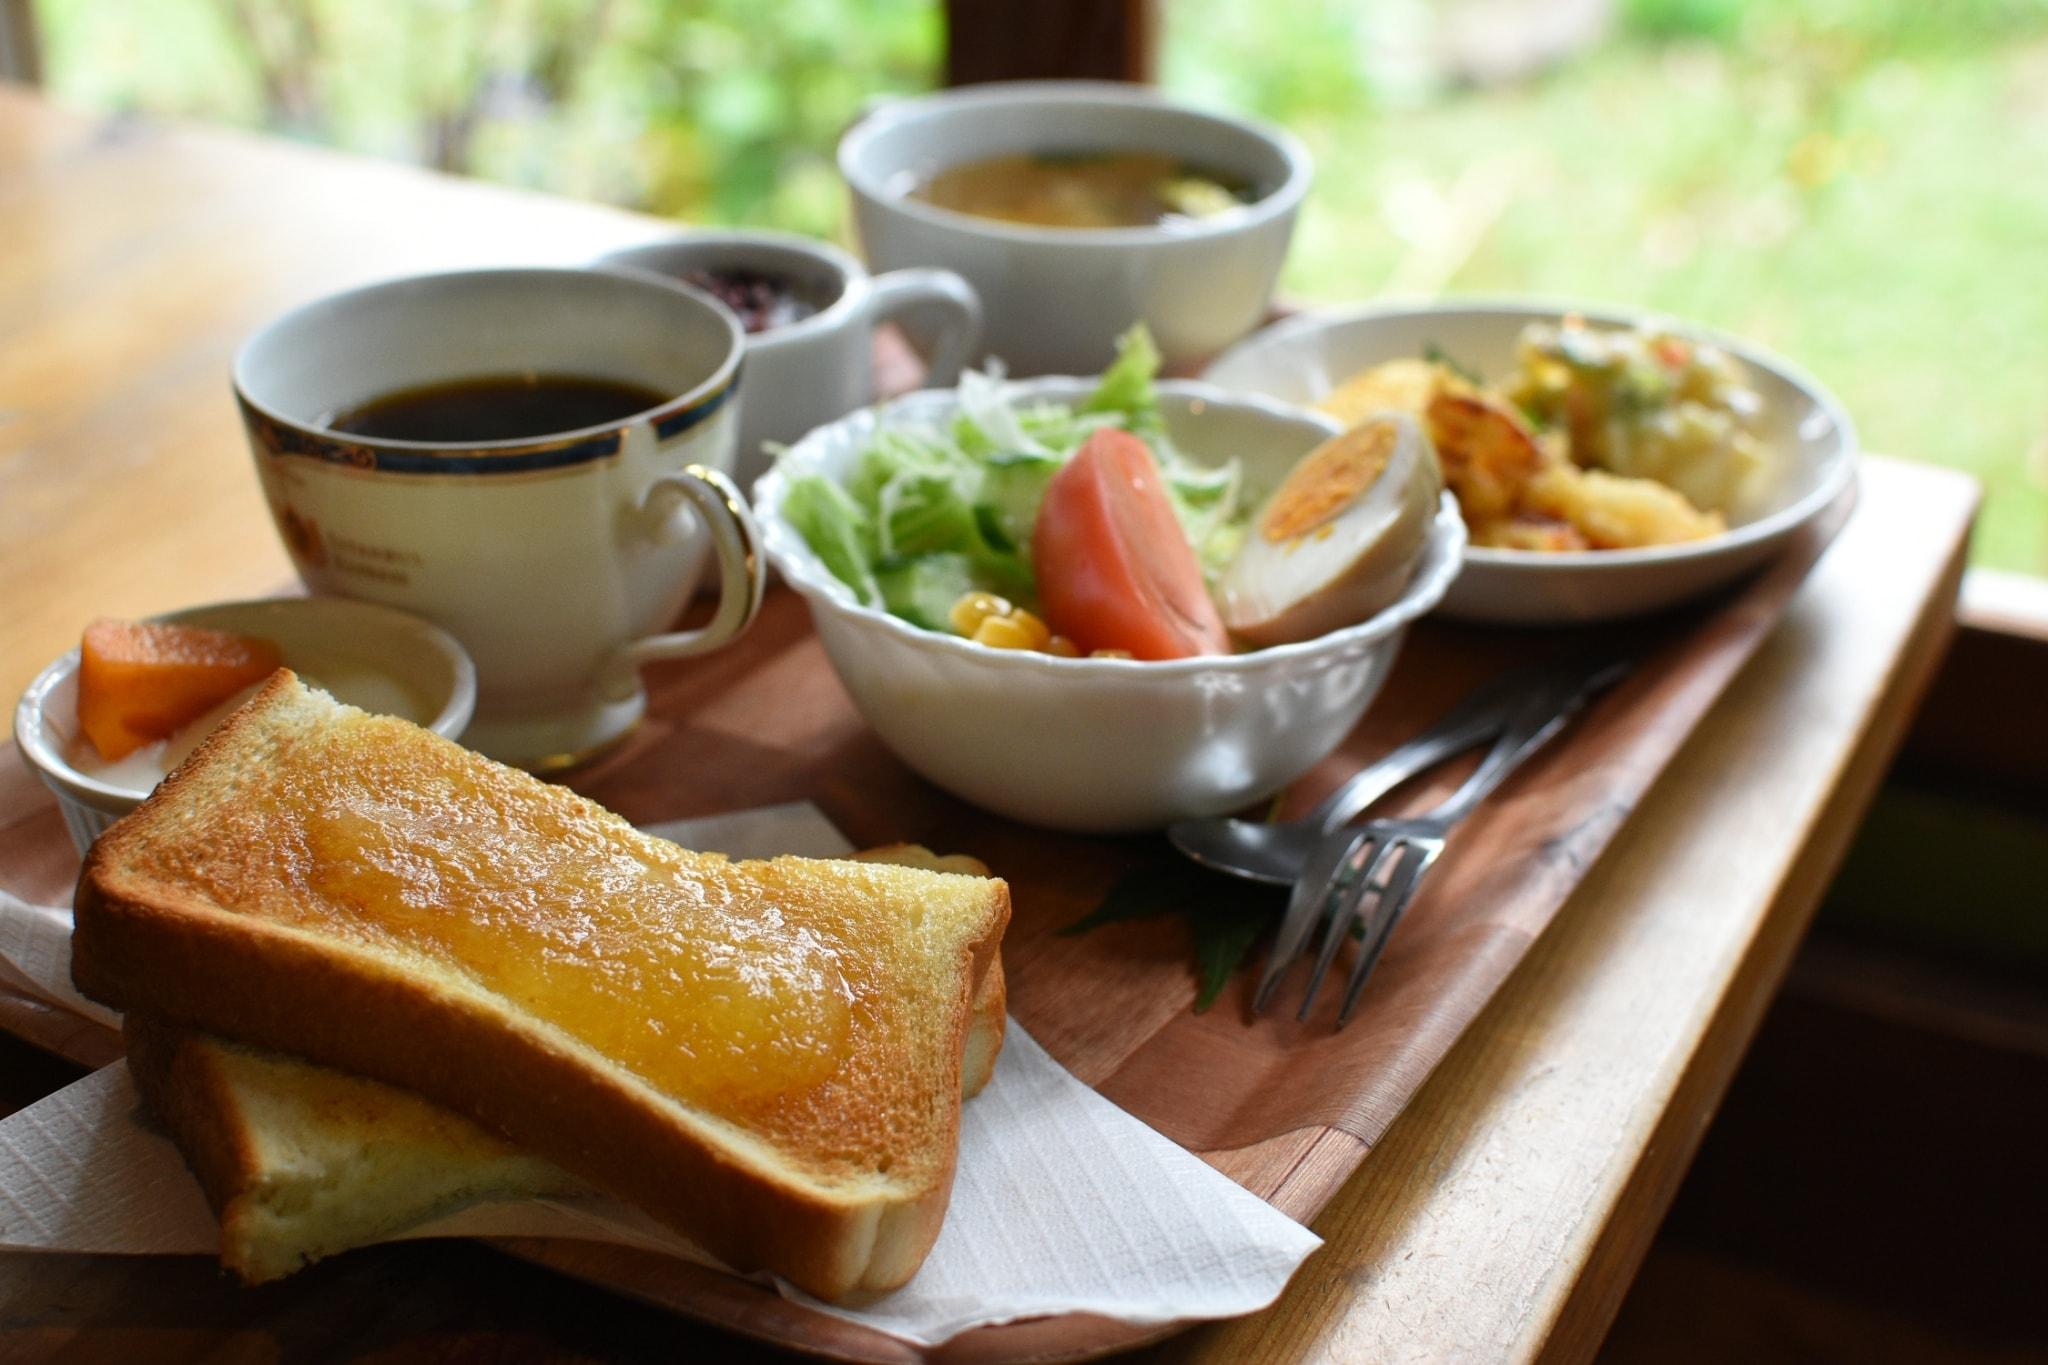 【リトルガーデン庭園喫茶】発掘!秘密の花園モーニング!